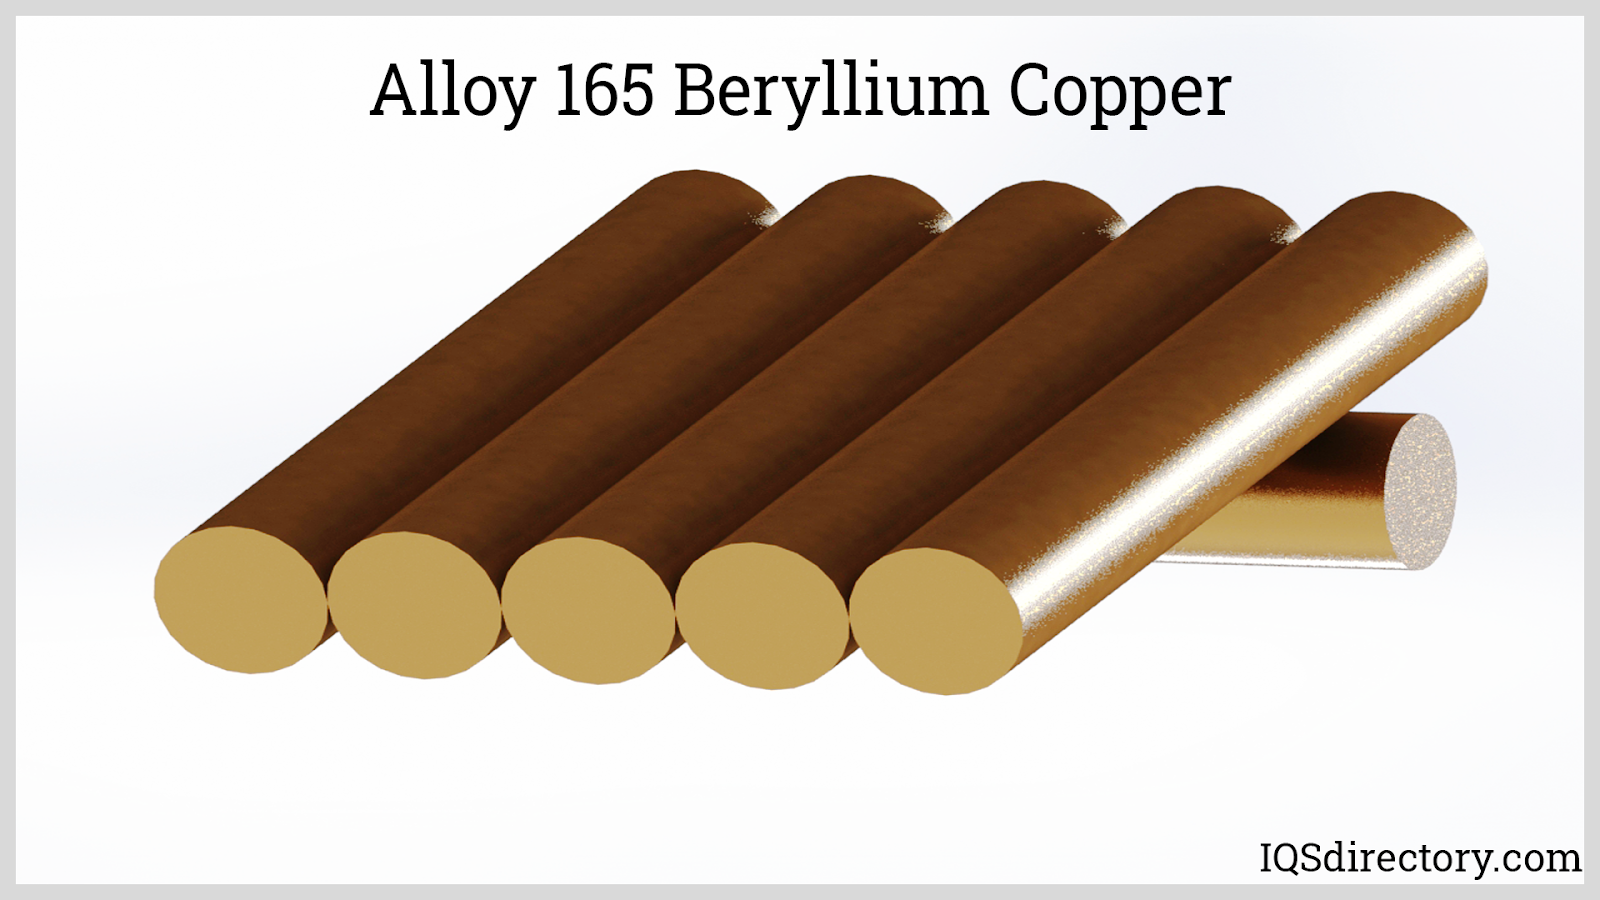 Alloy 165 Beryllium Copper